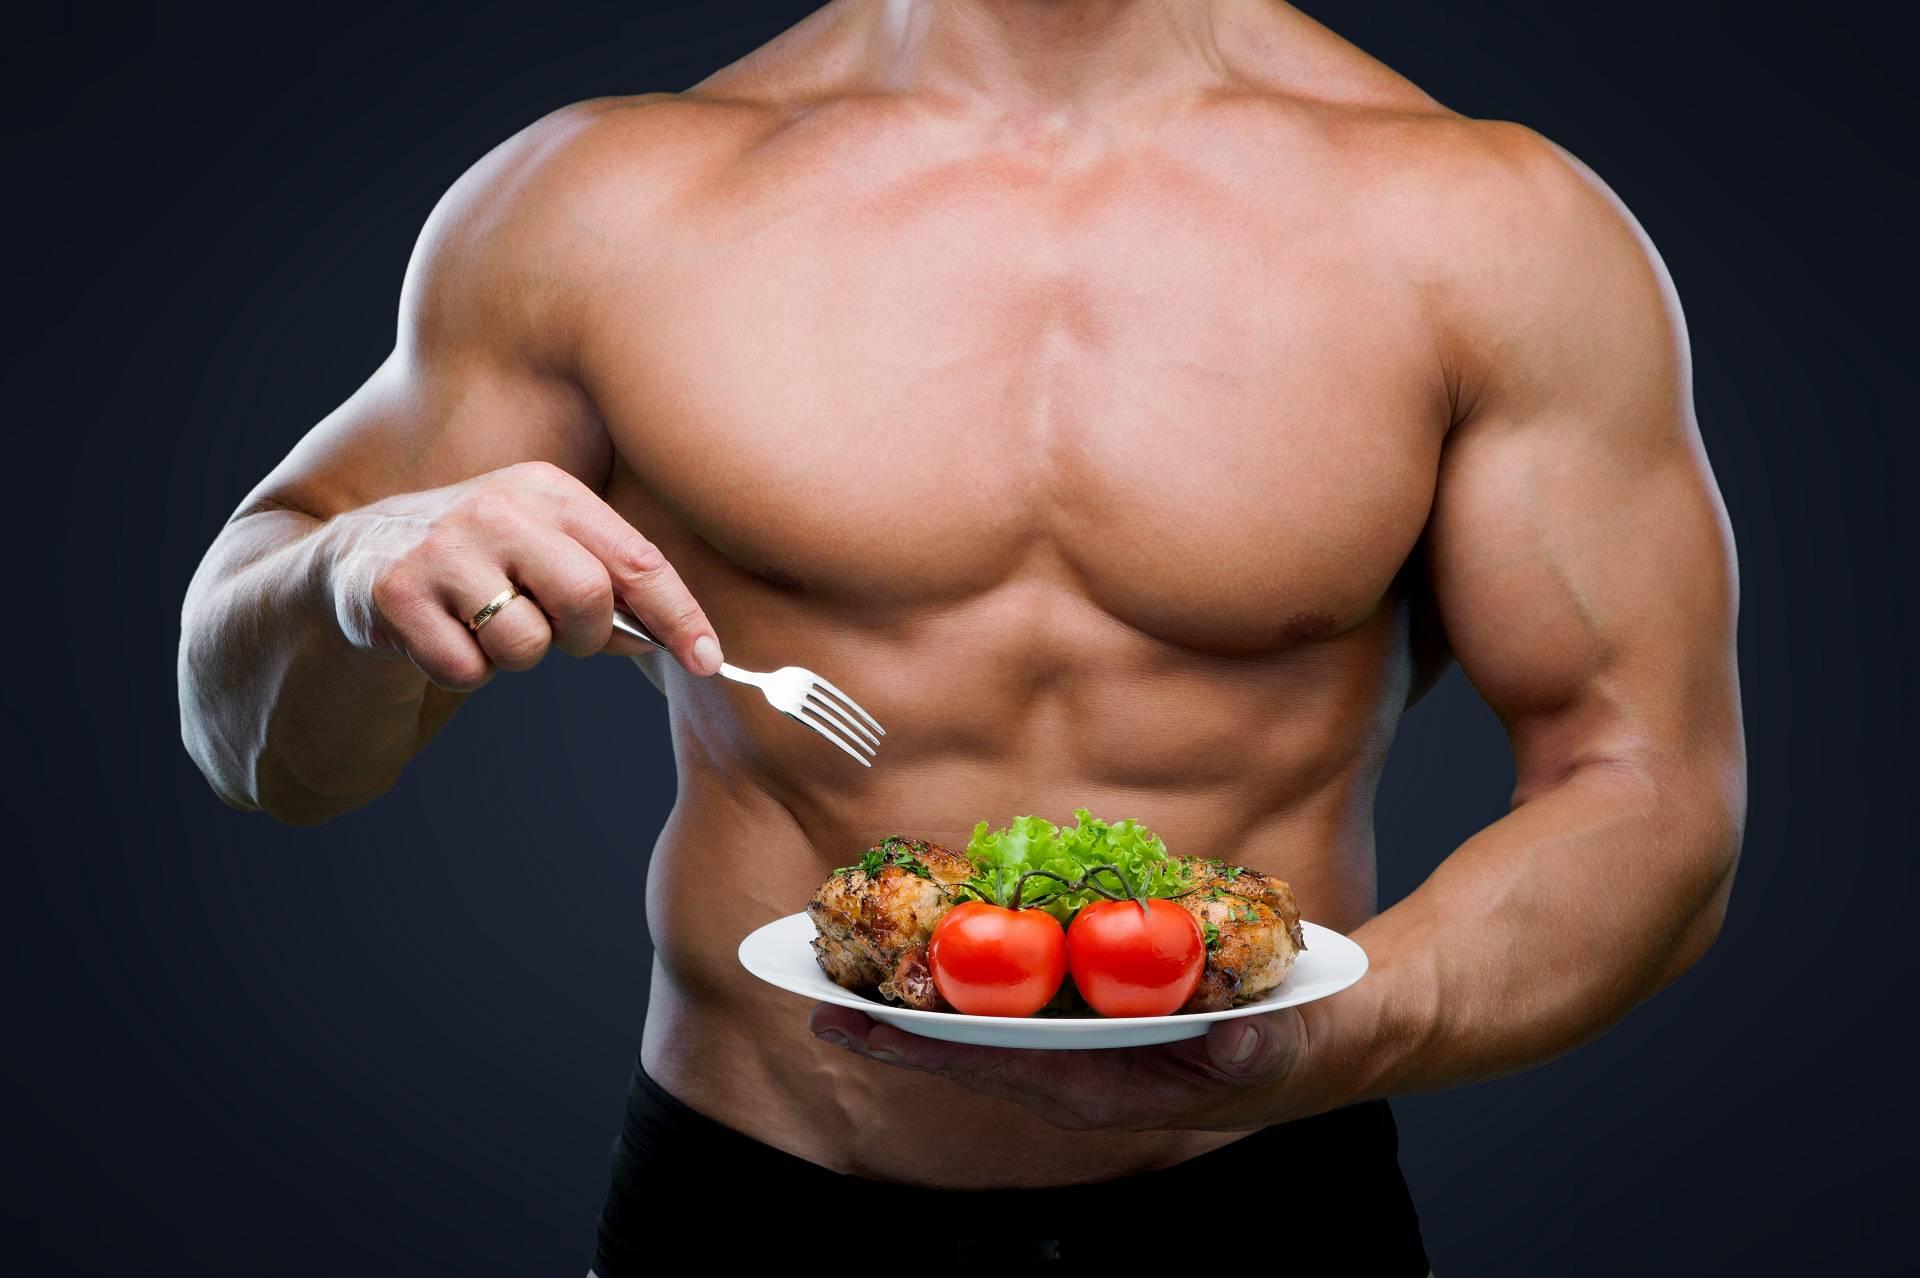 Begünstigt eine ketogene Ernährung den Abbau von Muskelmasse?